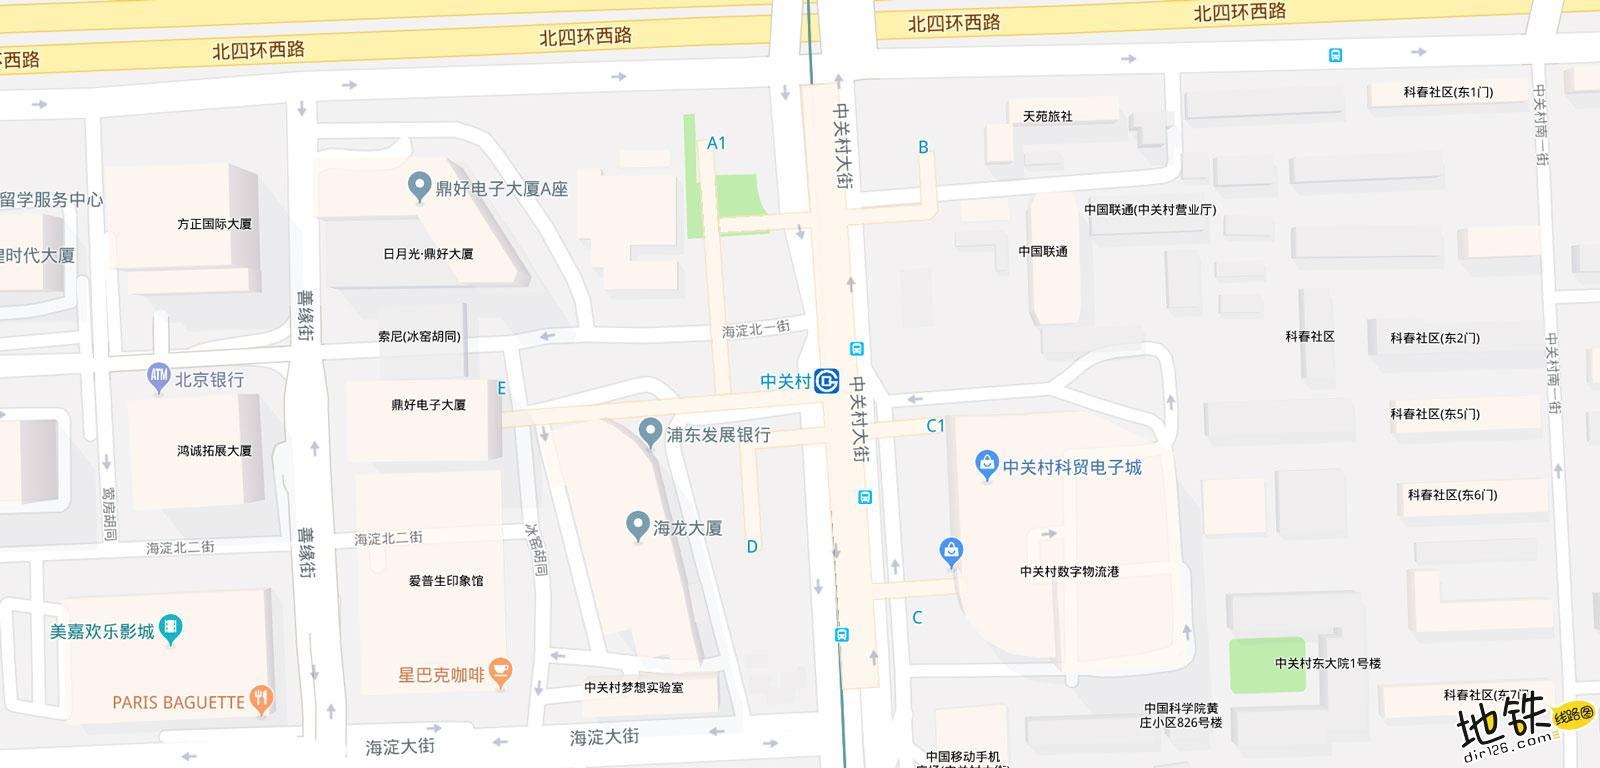 中关村地铁站 北京地铁中关村站出入口 地图信息查询  北京地铁站  第2张